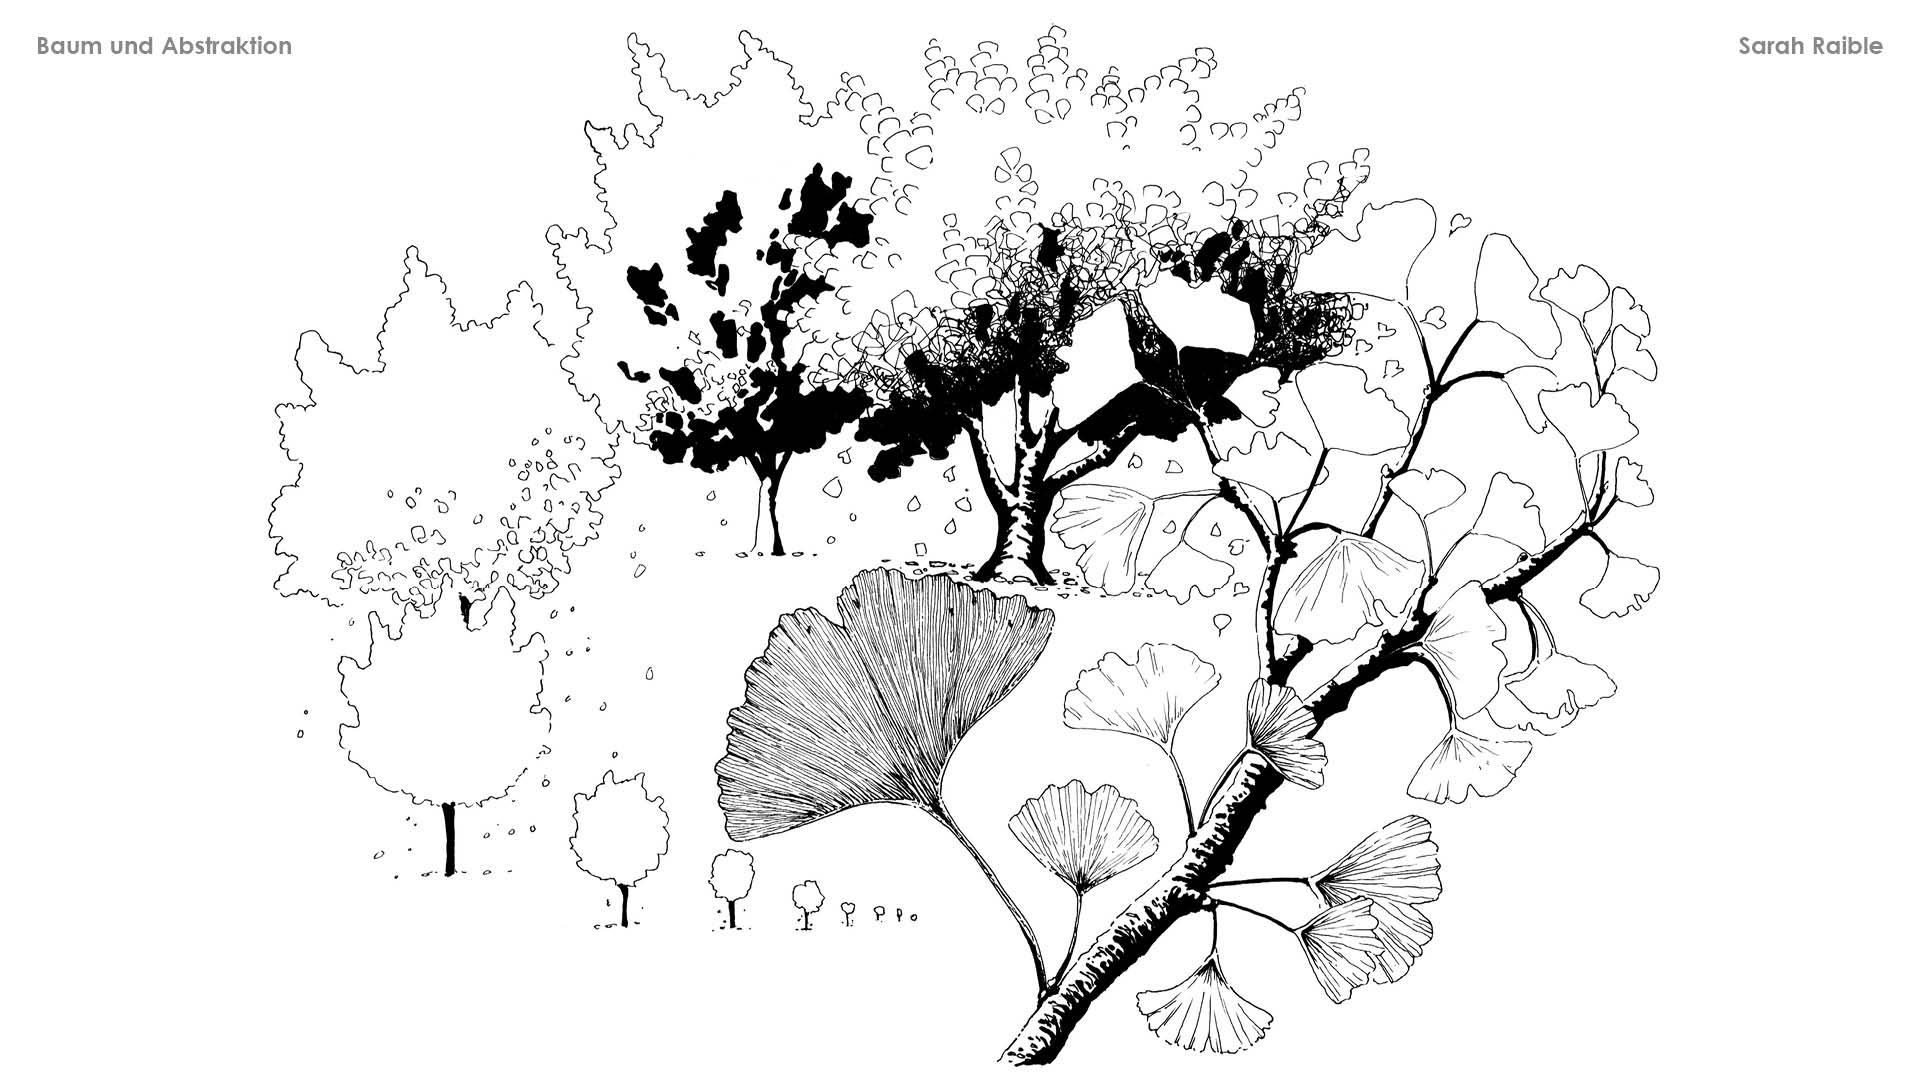 18 1 Bildnerisches Gestalten Leporellos Einzelarbeiten22